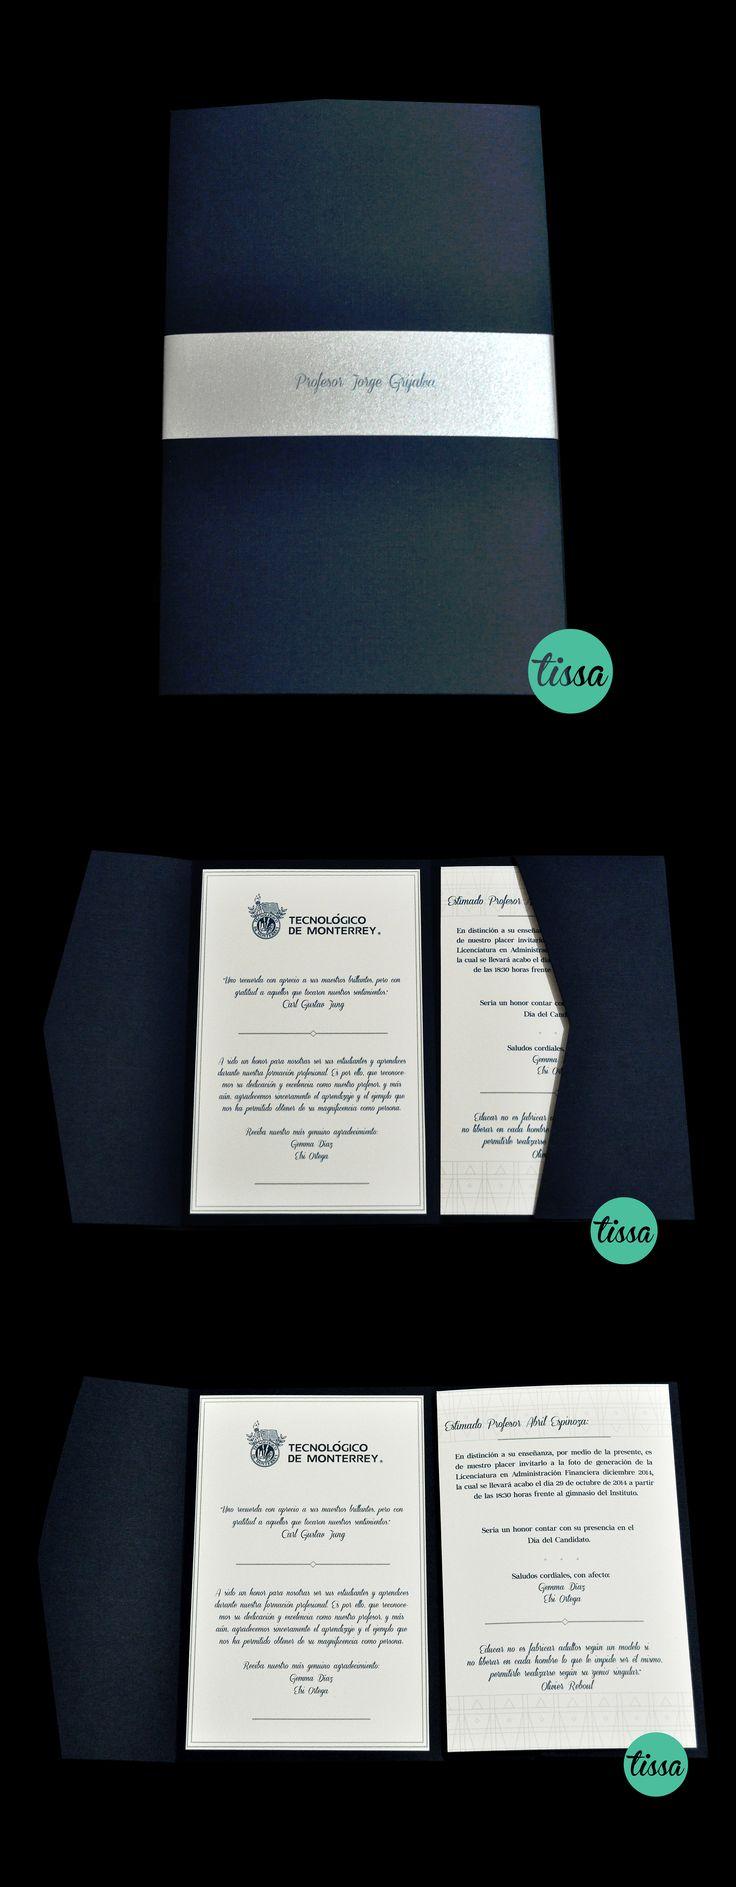 INVITACIONES PARA GRADUACION #invitacion #graduacion #prom #party #diseño #tissa…